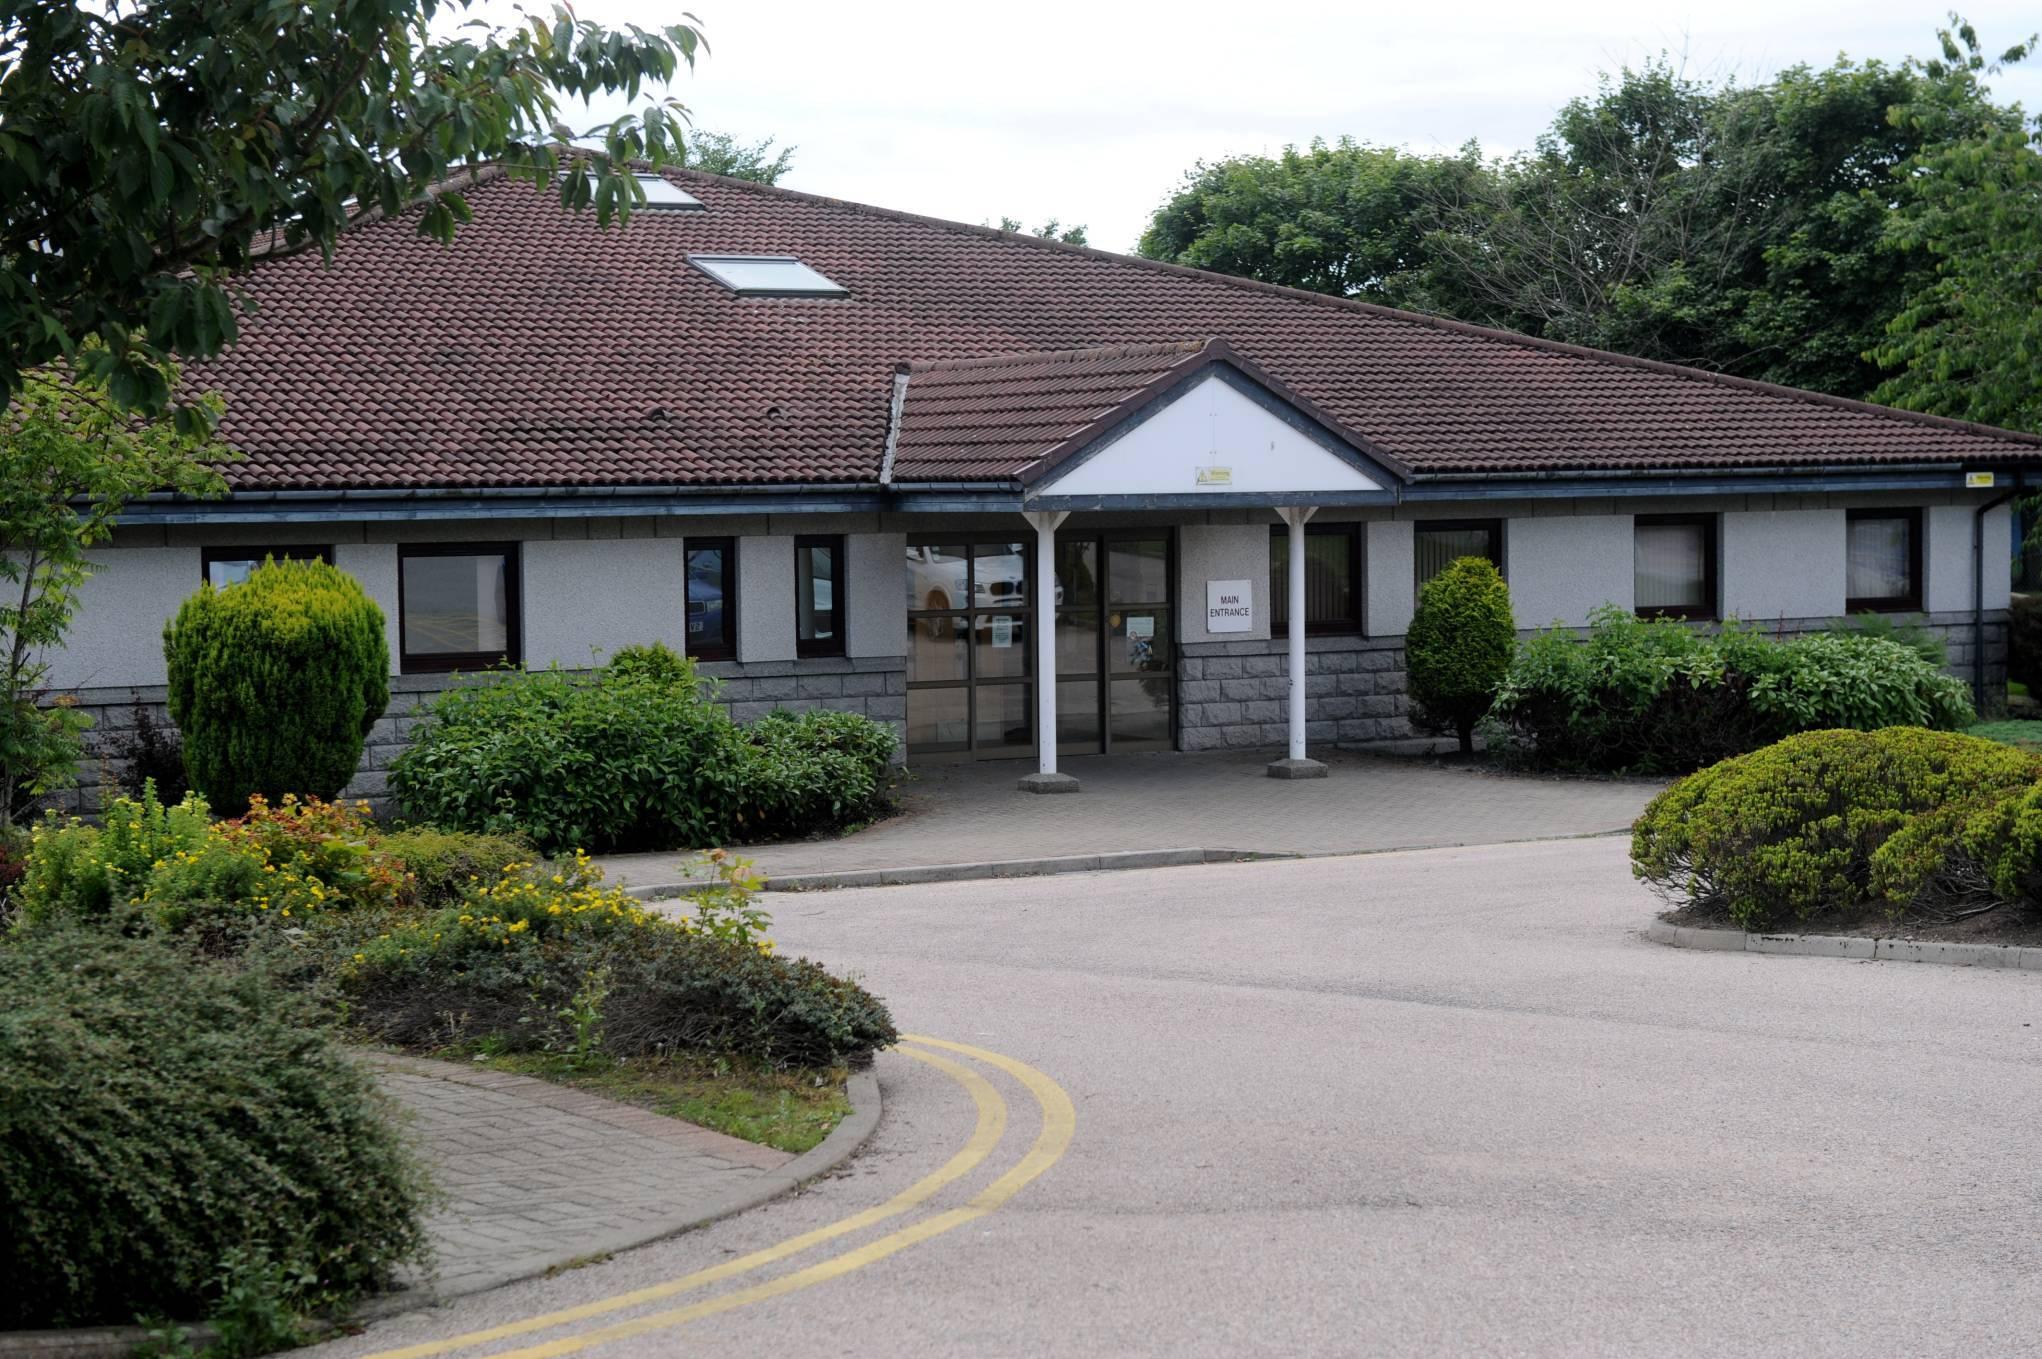 The Williamson Family Centre on Mastrick Close.